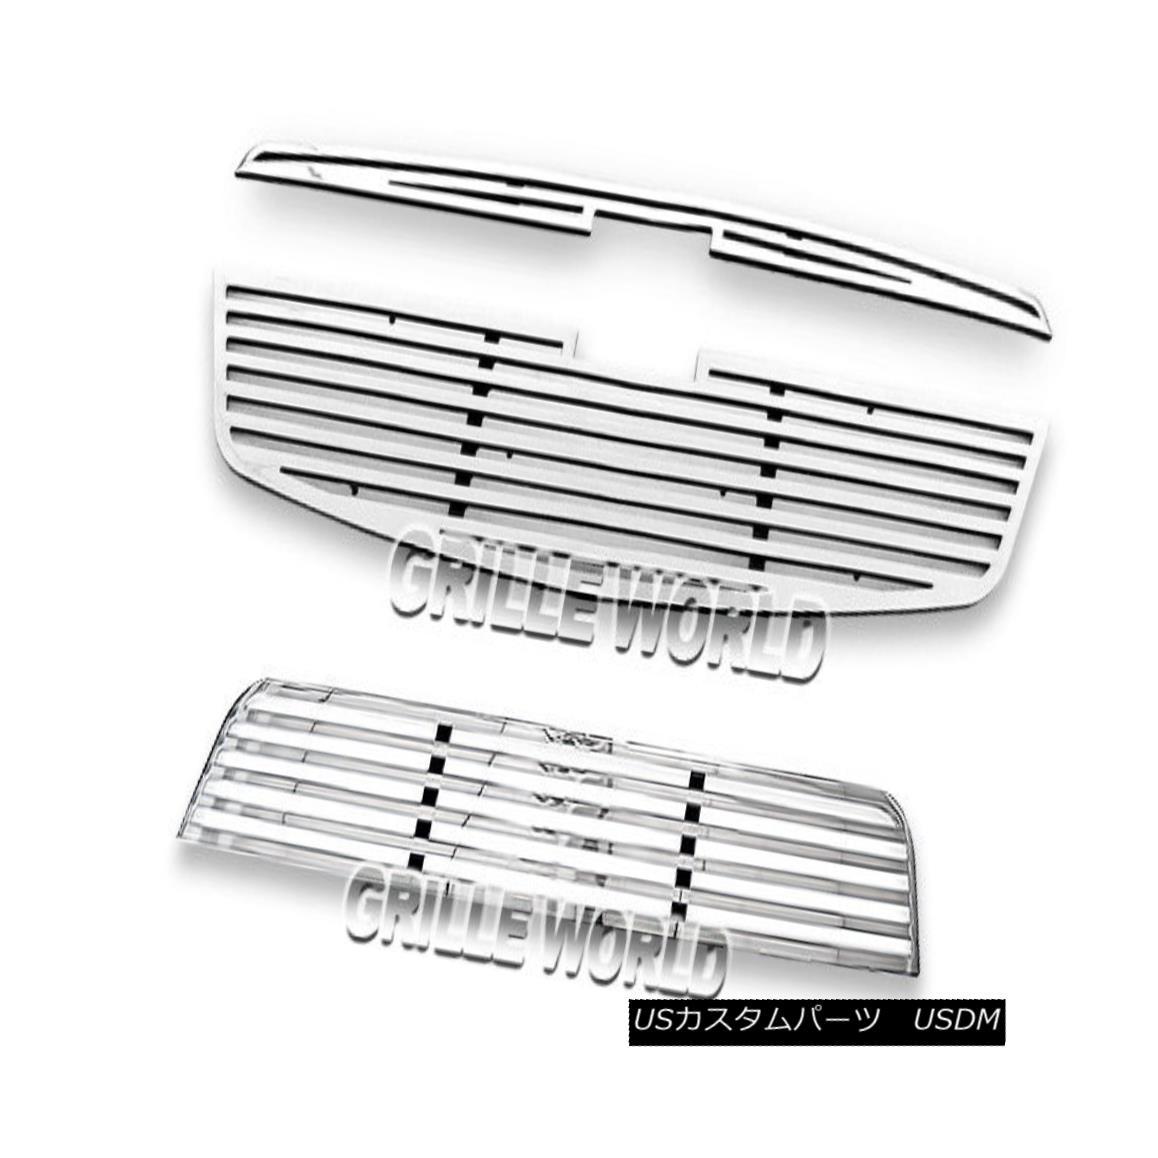 グリル 2011-2012 Chevy Cruze LT/LTZ CNC Machine Cut Perimeter Premium Grille Combo 2011年?2012年シボレークルーズLT / LTZ CNCマシンカットペリメータープレミアムグリルコンボ